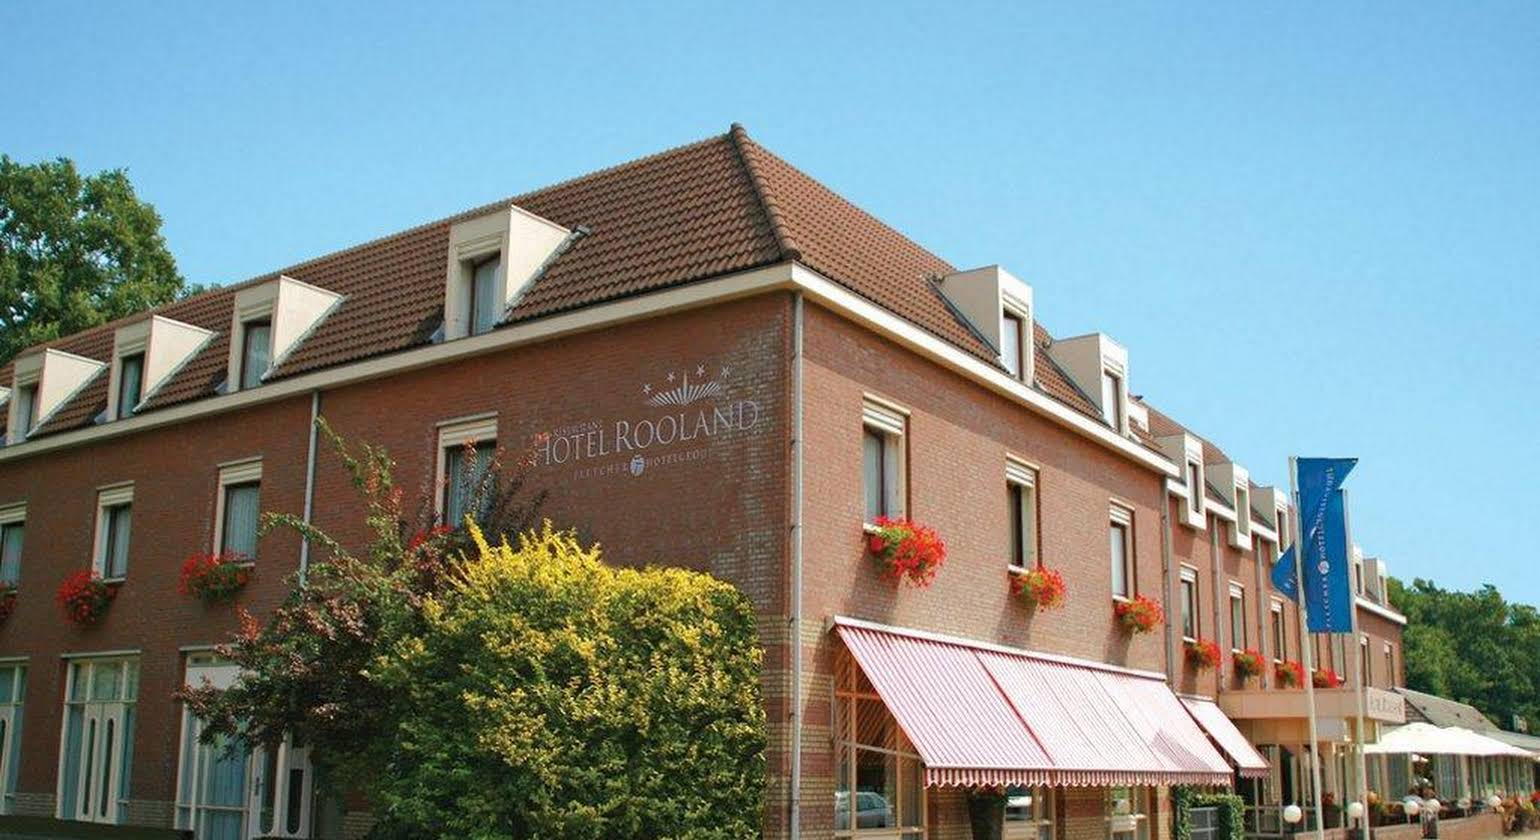 Fletcher Hotel Restaurant Rooland